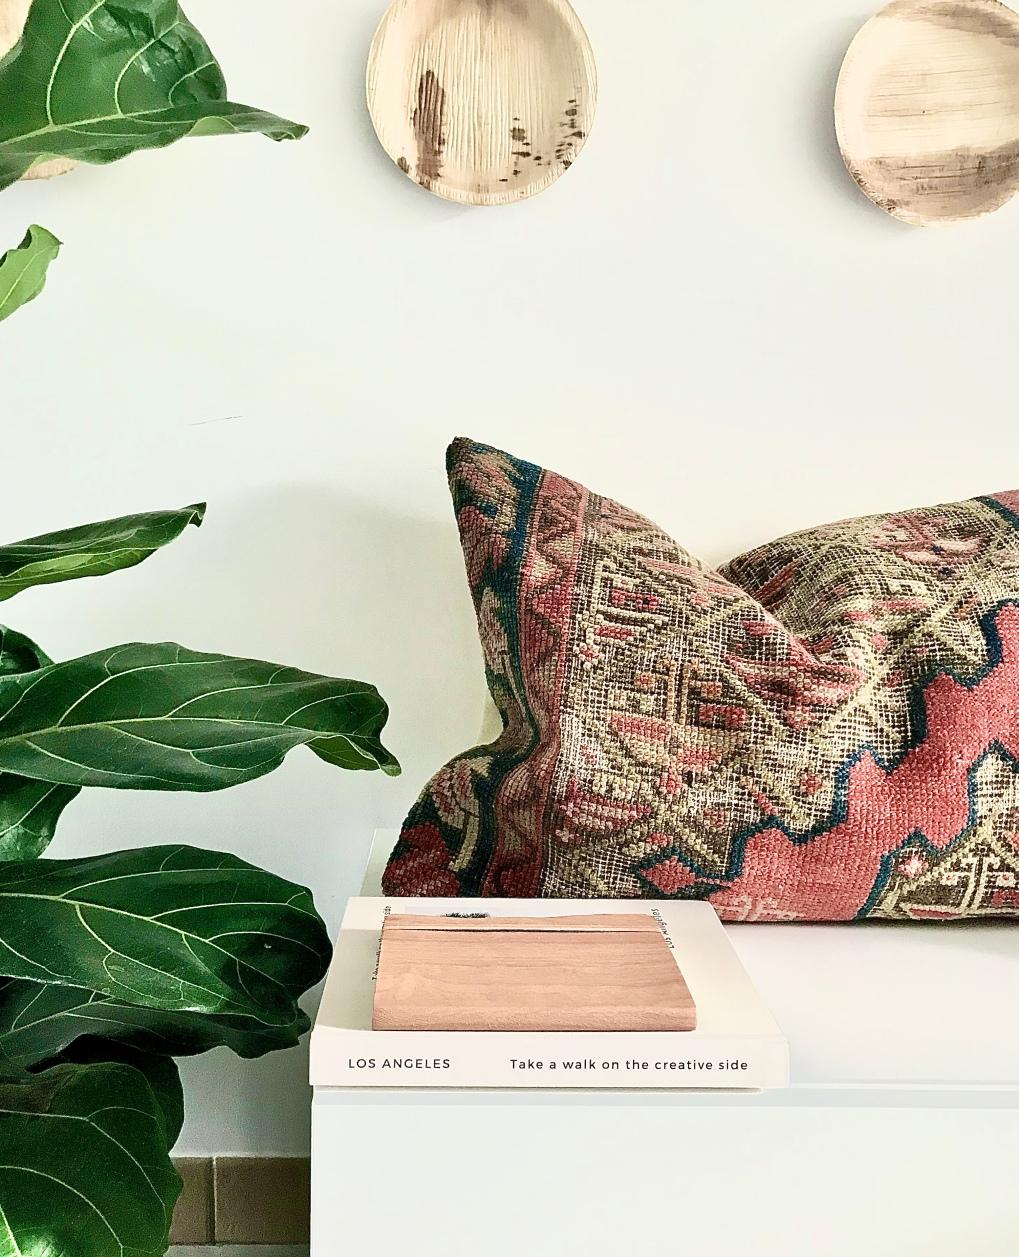 Coussin kilim Mae Woven. Coloris chauds pour rehausser une décoration sobre et neutre.